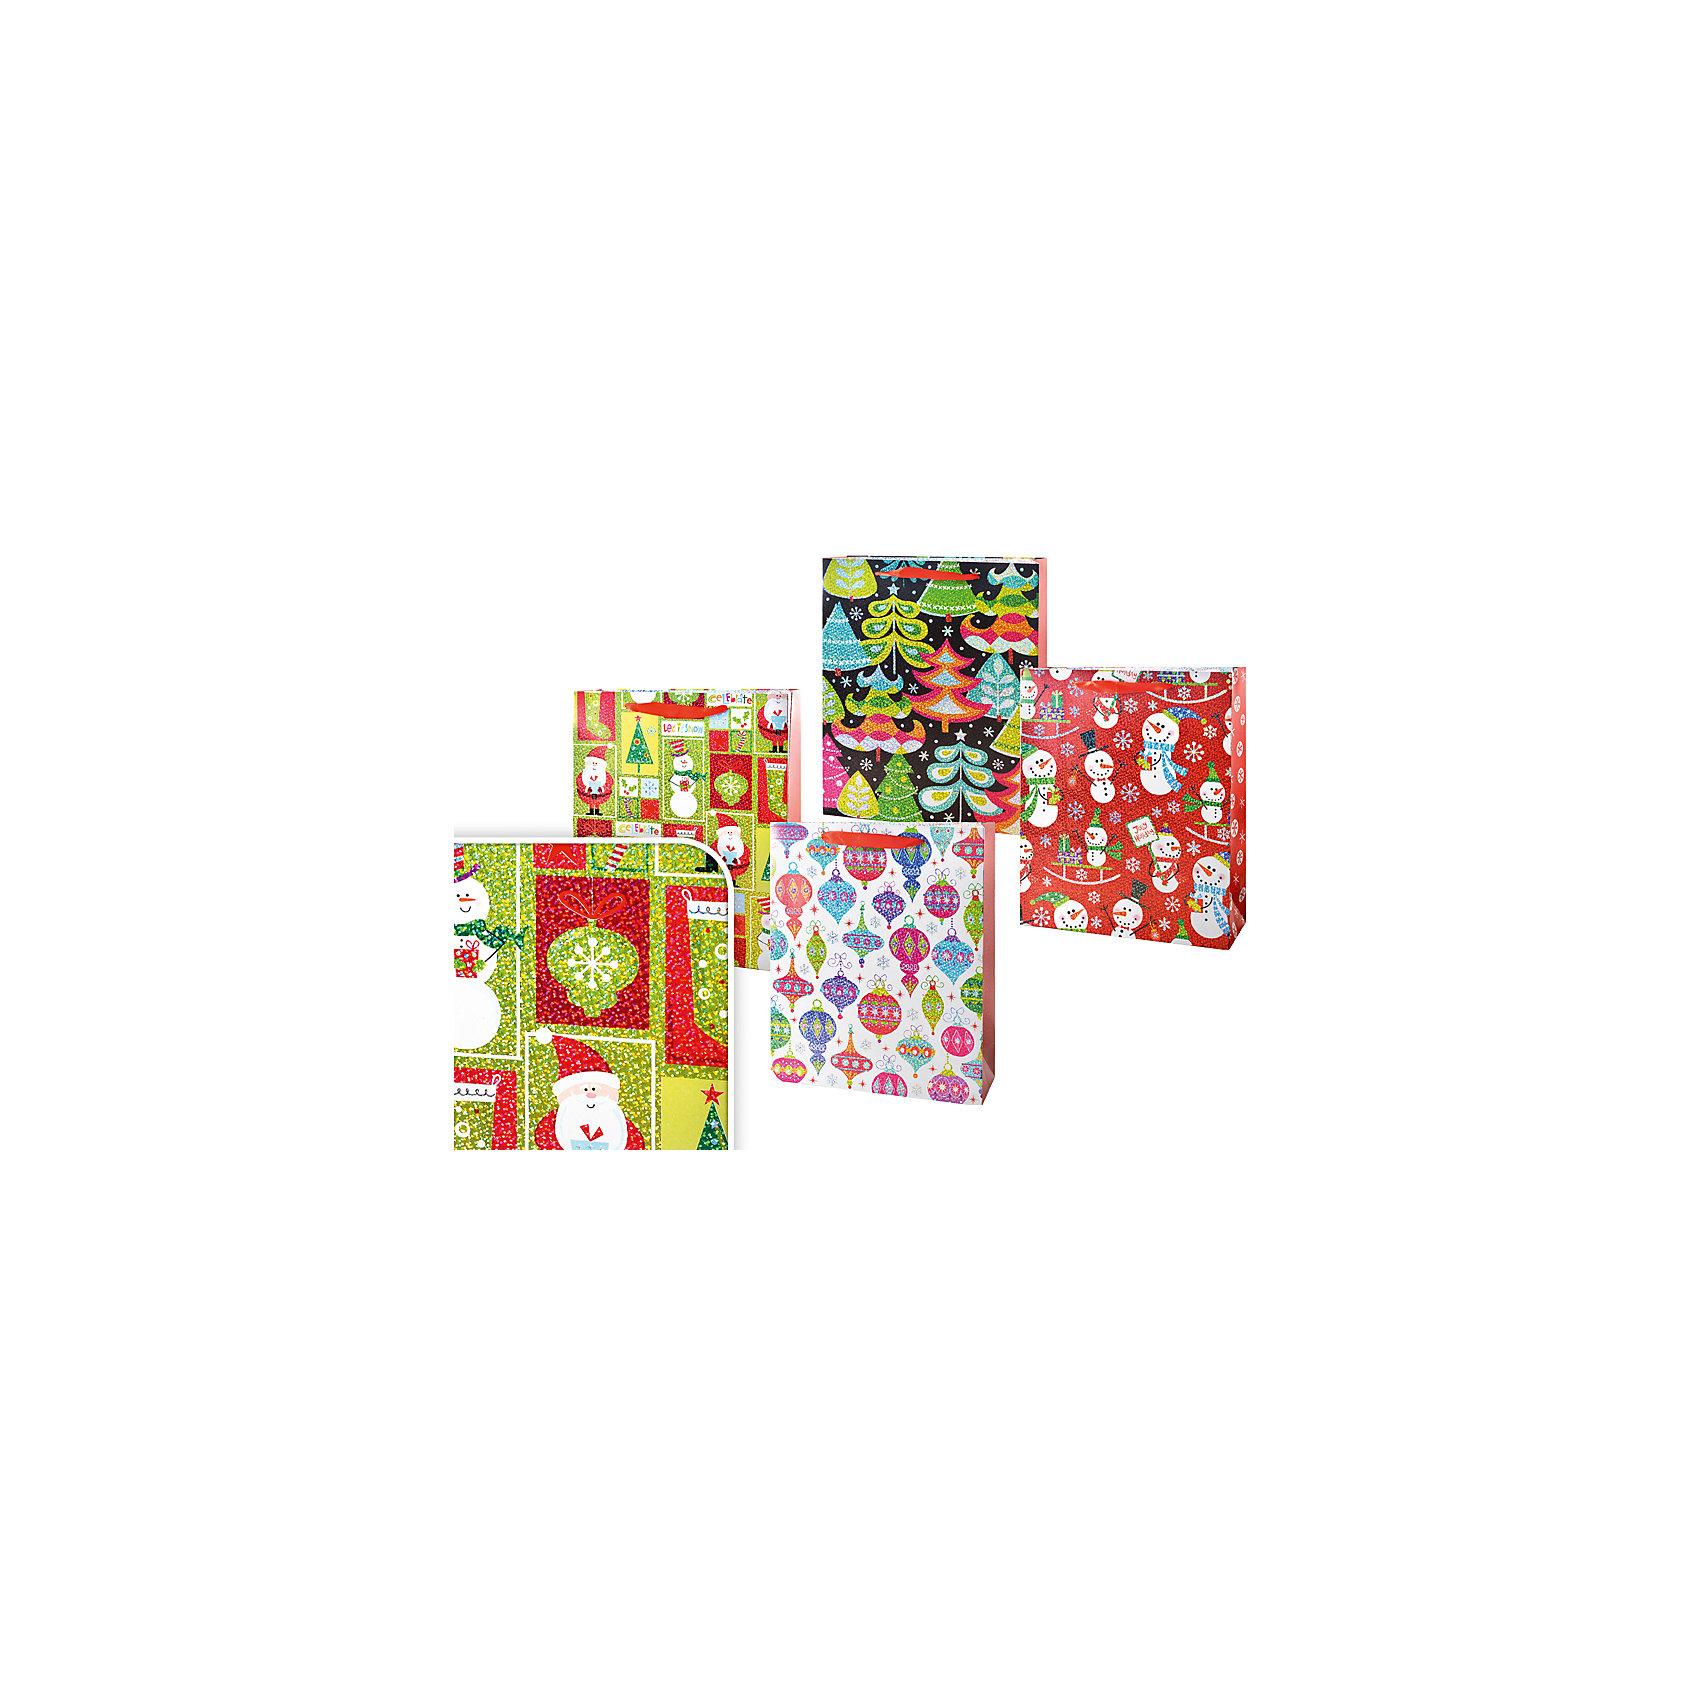 Пакет подарочный новогодний 32*26*10см,  в ассортиментеНовинки Новый Год<br>Пакет подарочный новогодний 32*26*10см,  в ассортименте с ярким дизайном станет незаменимым дополнением к выбранному подарку, подчеркивая его, и добавит праздничного настроения. Упаковка подарков в пакеты – удобно и просто. Пакет выполнен из плотной бумаги, для удобной переноски имеются две ручки.<br><br>Дополнительная информация:<br>-Материалы: бумага, текстиль<br>-Размеры: 32х26х10 см<br>-Вес в упаковке: 80 г<br>-В ассортименте: 5 вариантов (Внимание! Заранее выбрать невозможно, при заказе нескольких возможно получение одинаковых)<br><br>Новогодний подарок, преподнесенный в оригинальном подарочном пакете, всегда будет самым эффектным и запоминающимся!<br><br>Пакет подарочный новогодний 32*26*10см,  в ассортименте можно купить в нашем магазине.<br><br>Ширина мм: 320<br>Глубина мм: 260<br>Высота мм: 100<br>Вес г: 80<br>Возраст от месяцев: 36<br>Возраст до месяцев: 1188<br>Пол: Унисекс<br>Возраст: Детский<br>SKU: 4250999